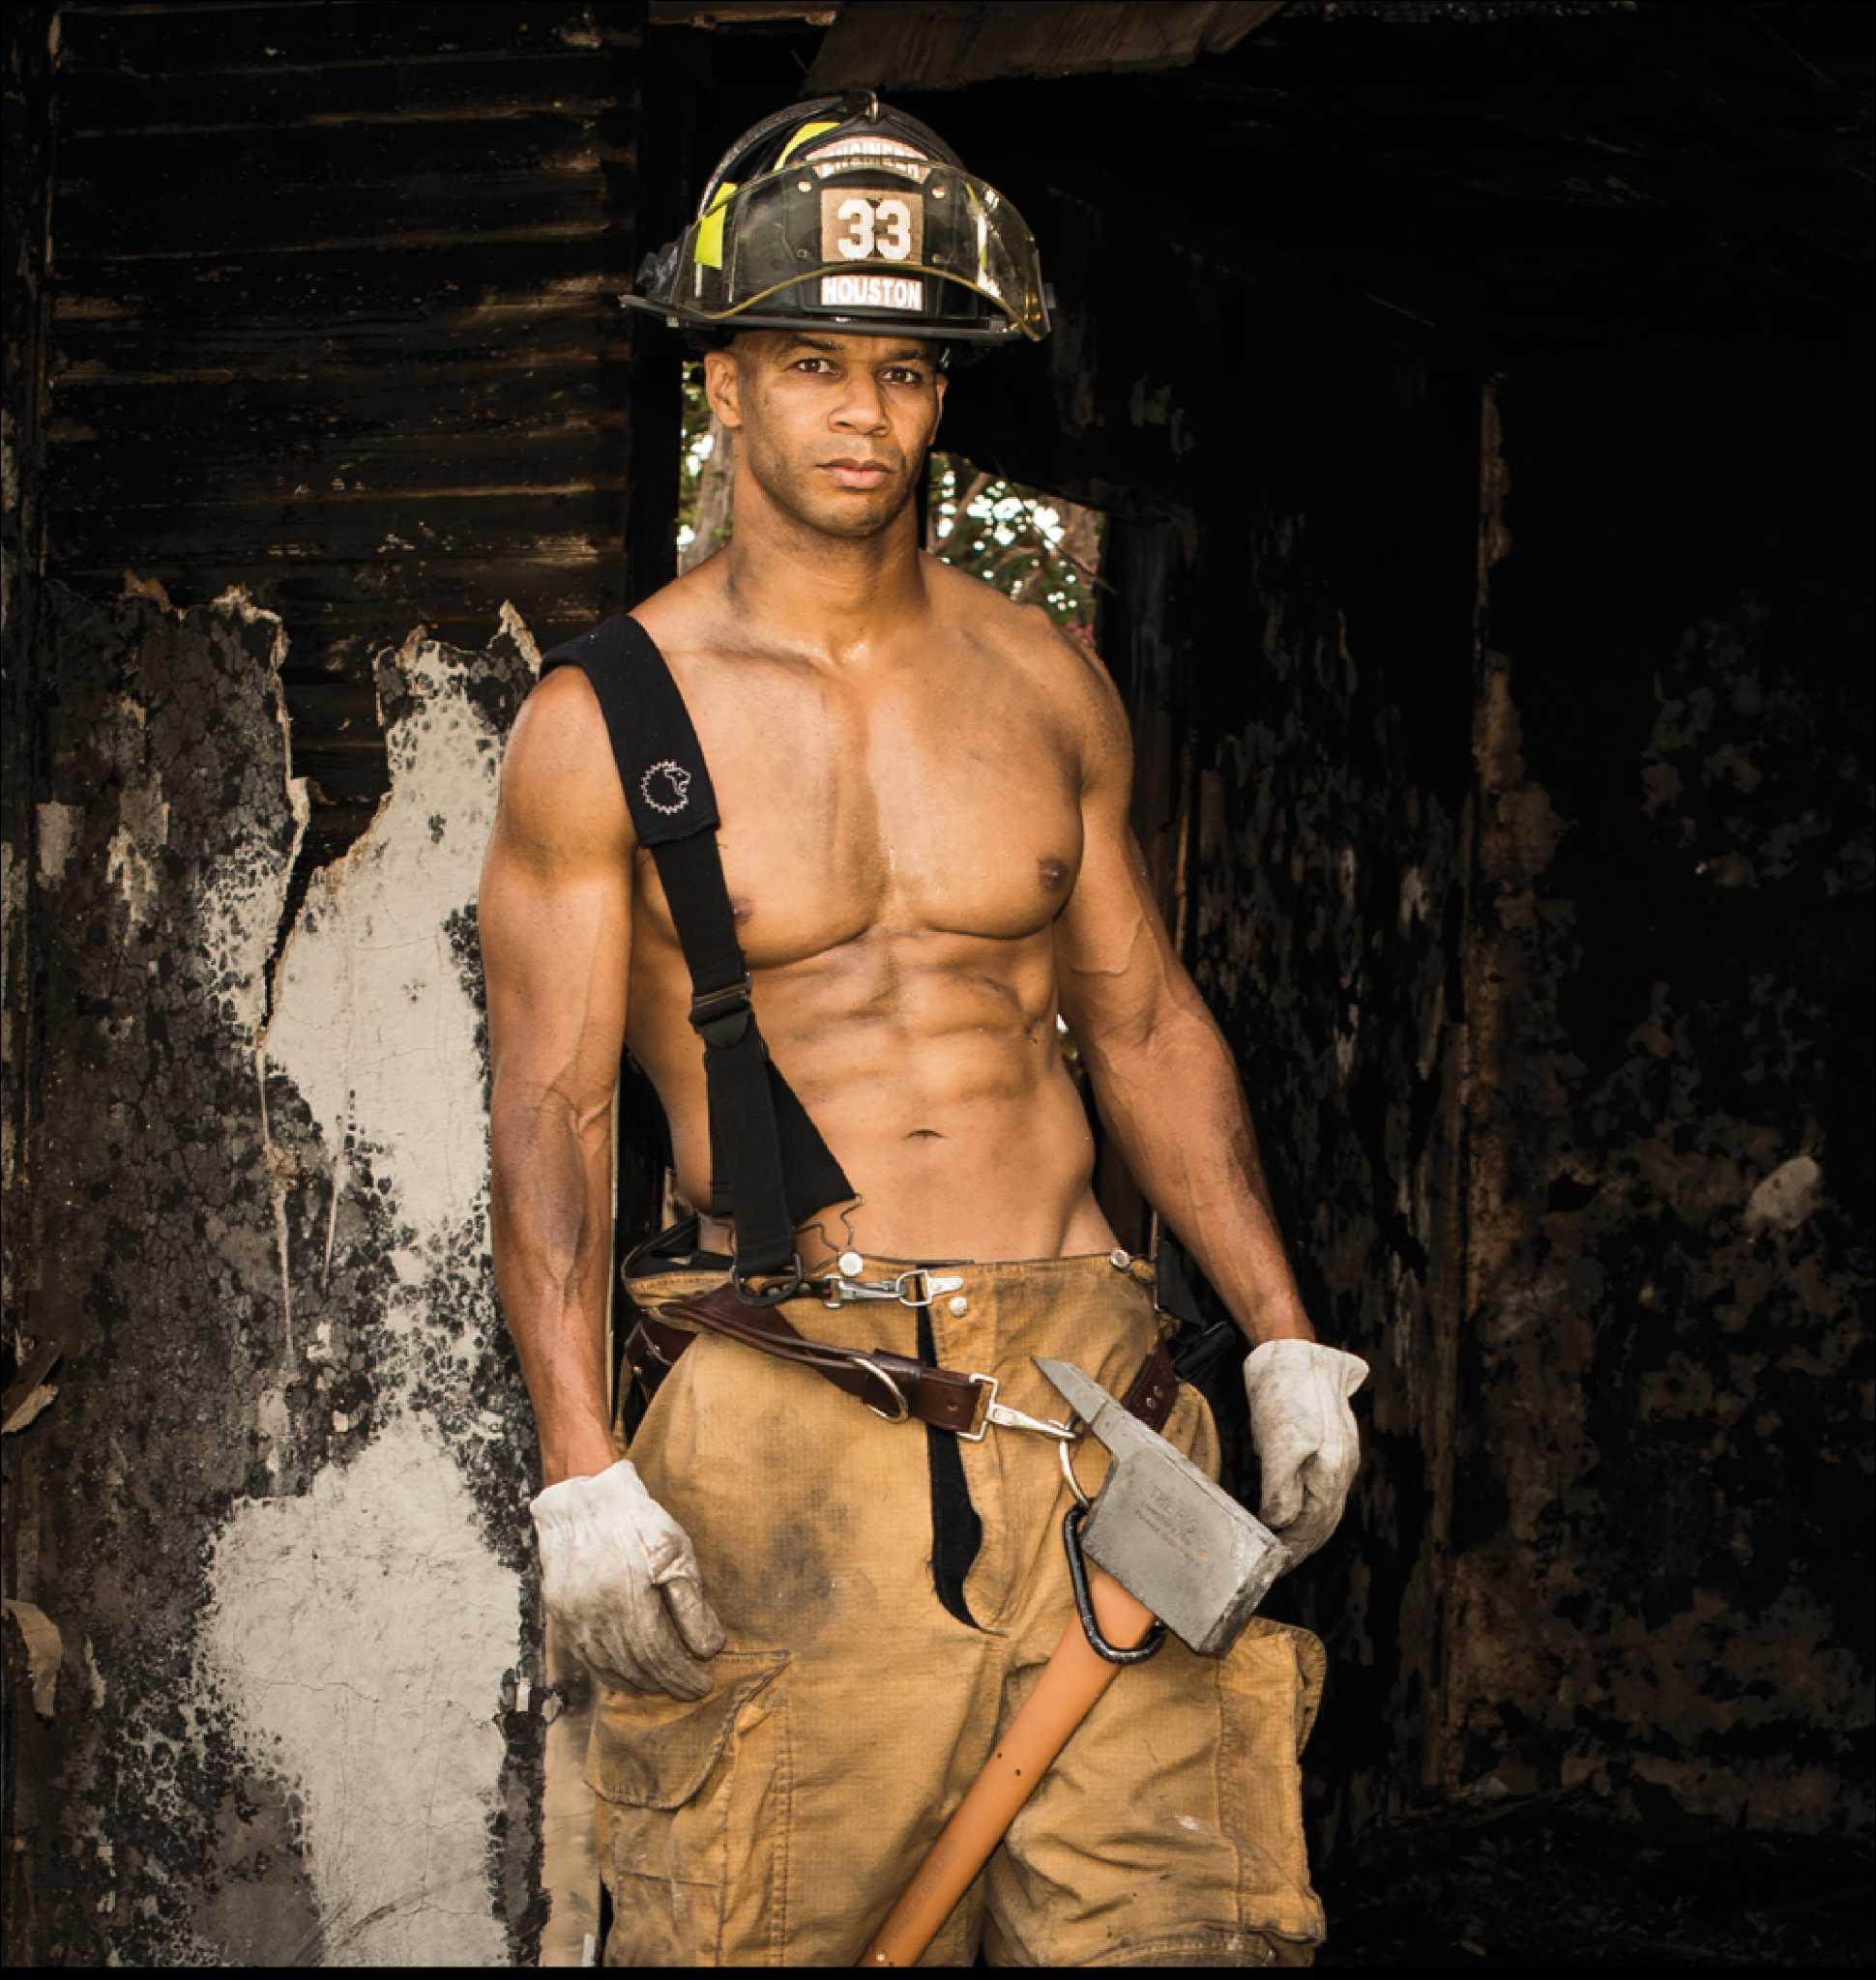 naked-naked-fireman-naked-hardcore